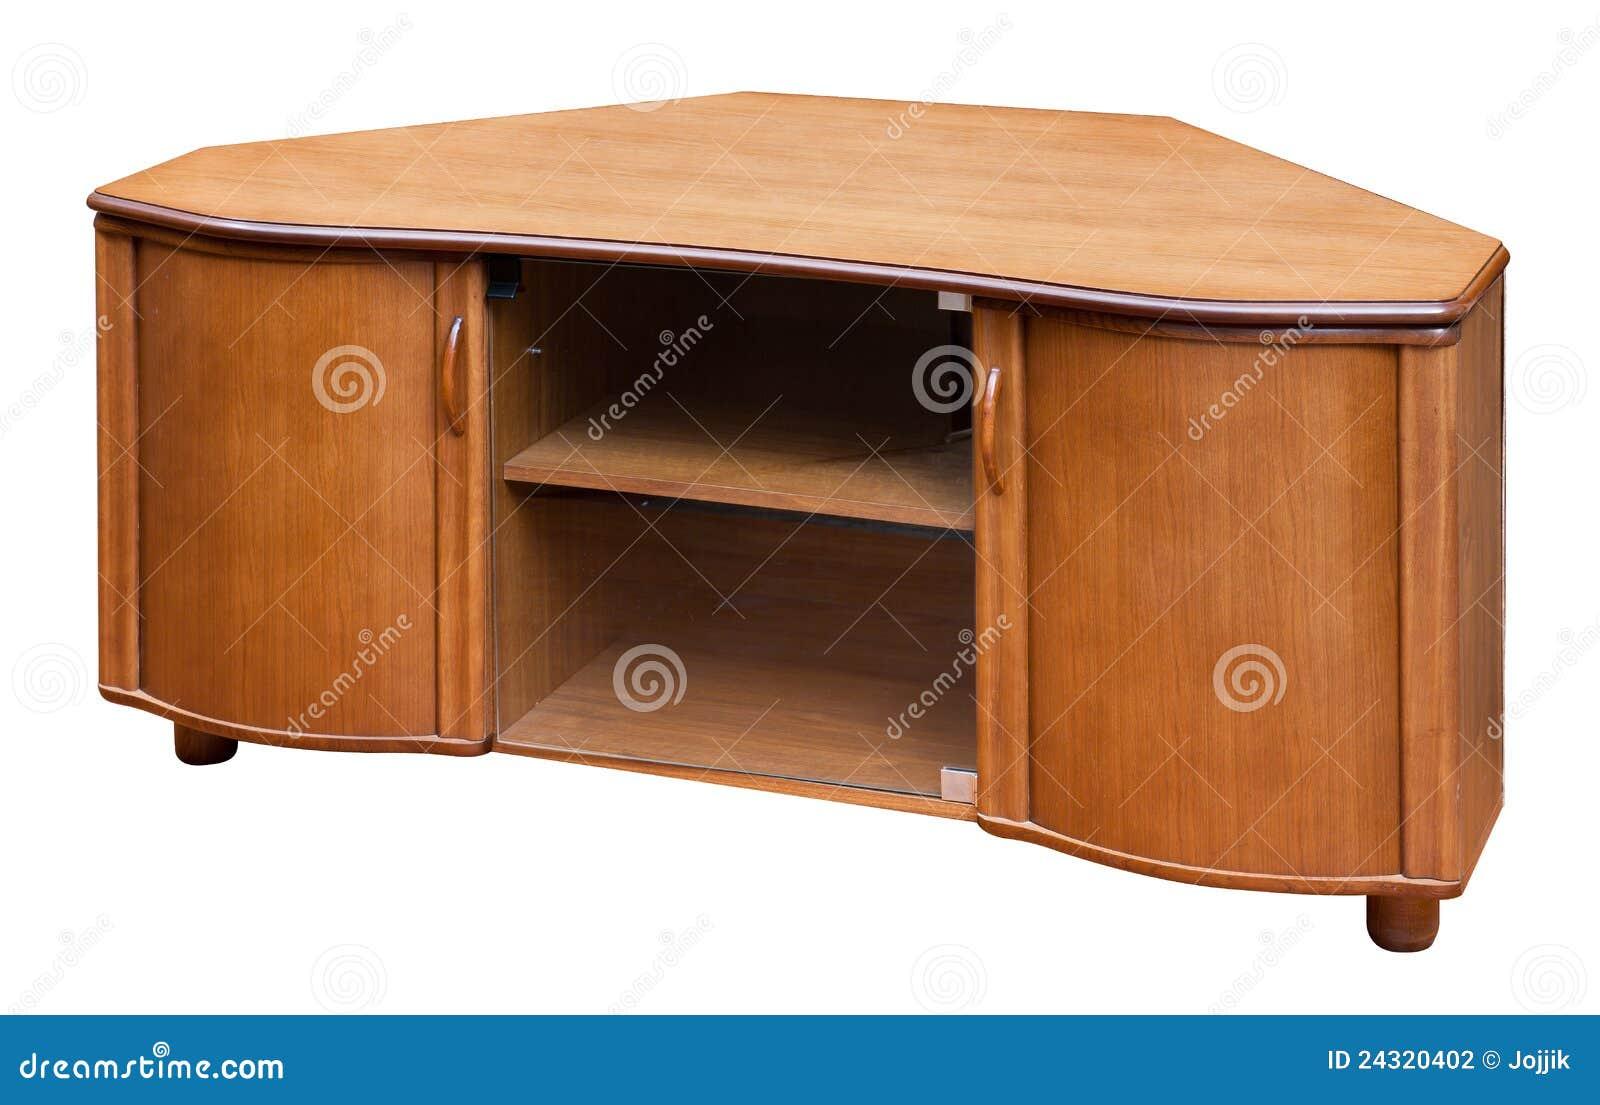 Vieux bureau en bois de montant photo stock image du meubles